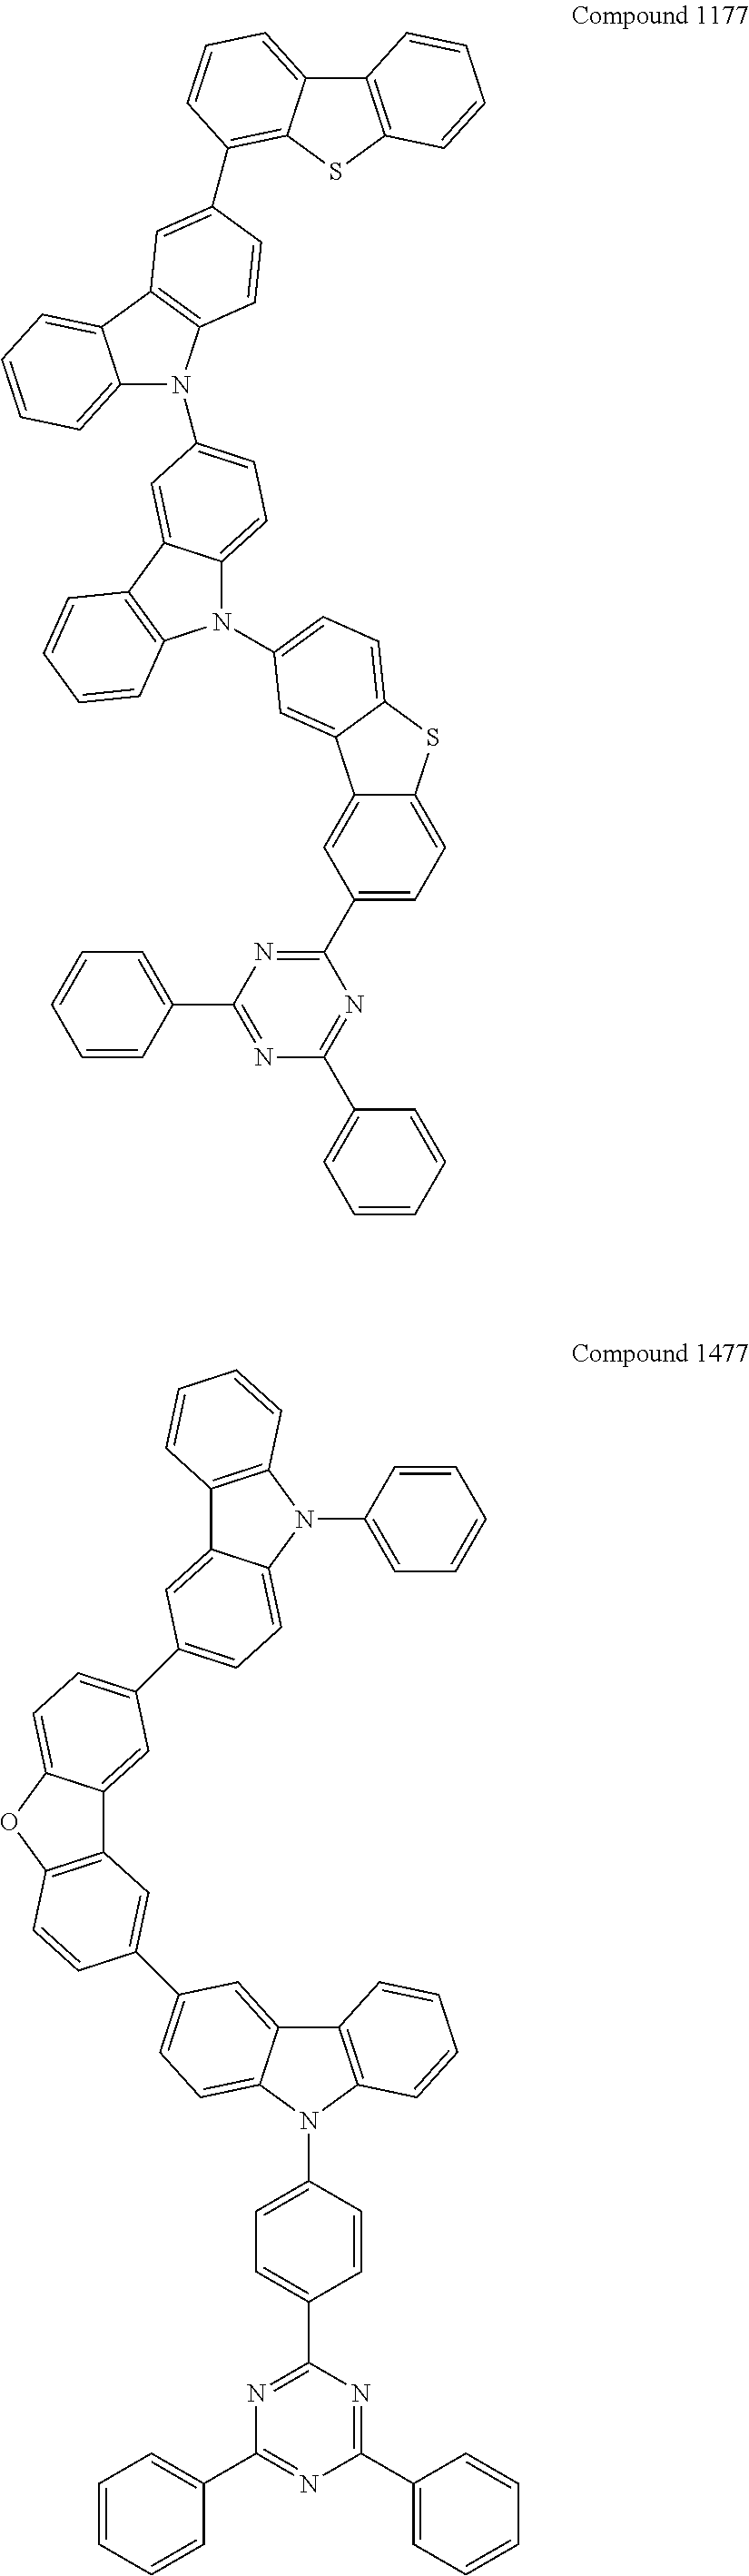 Figure US09209411-20151208-C00284